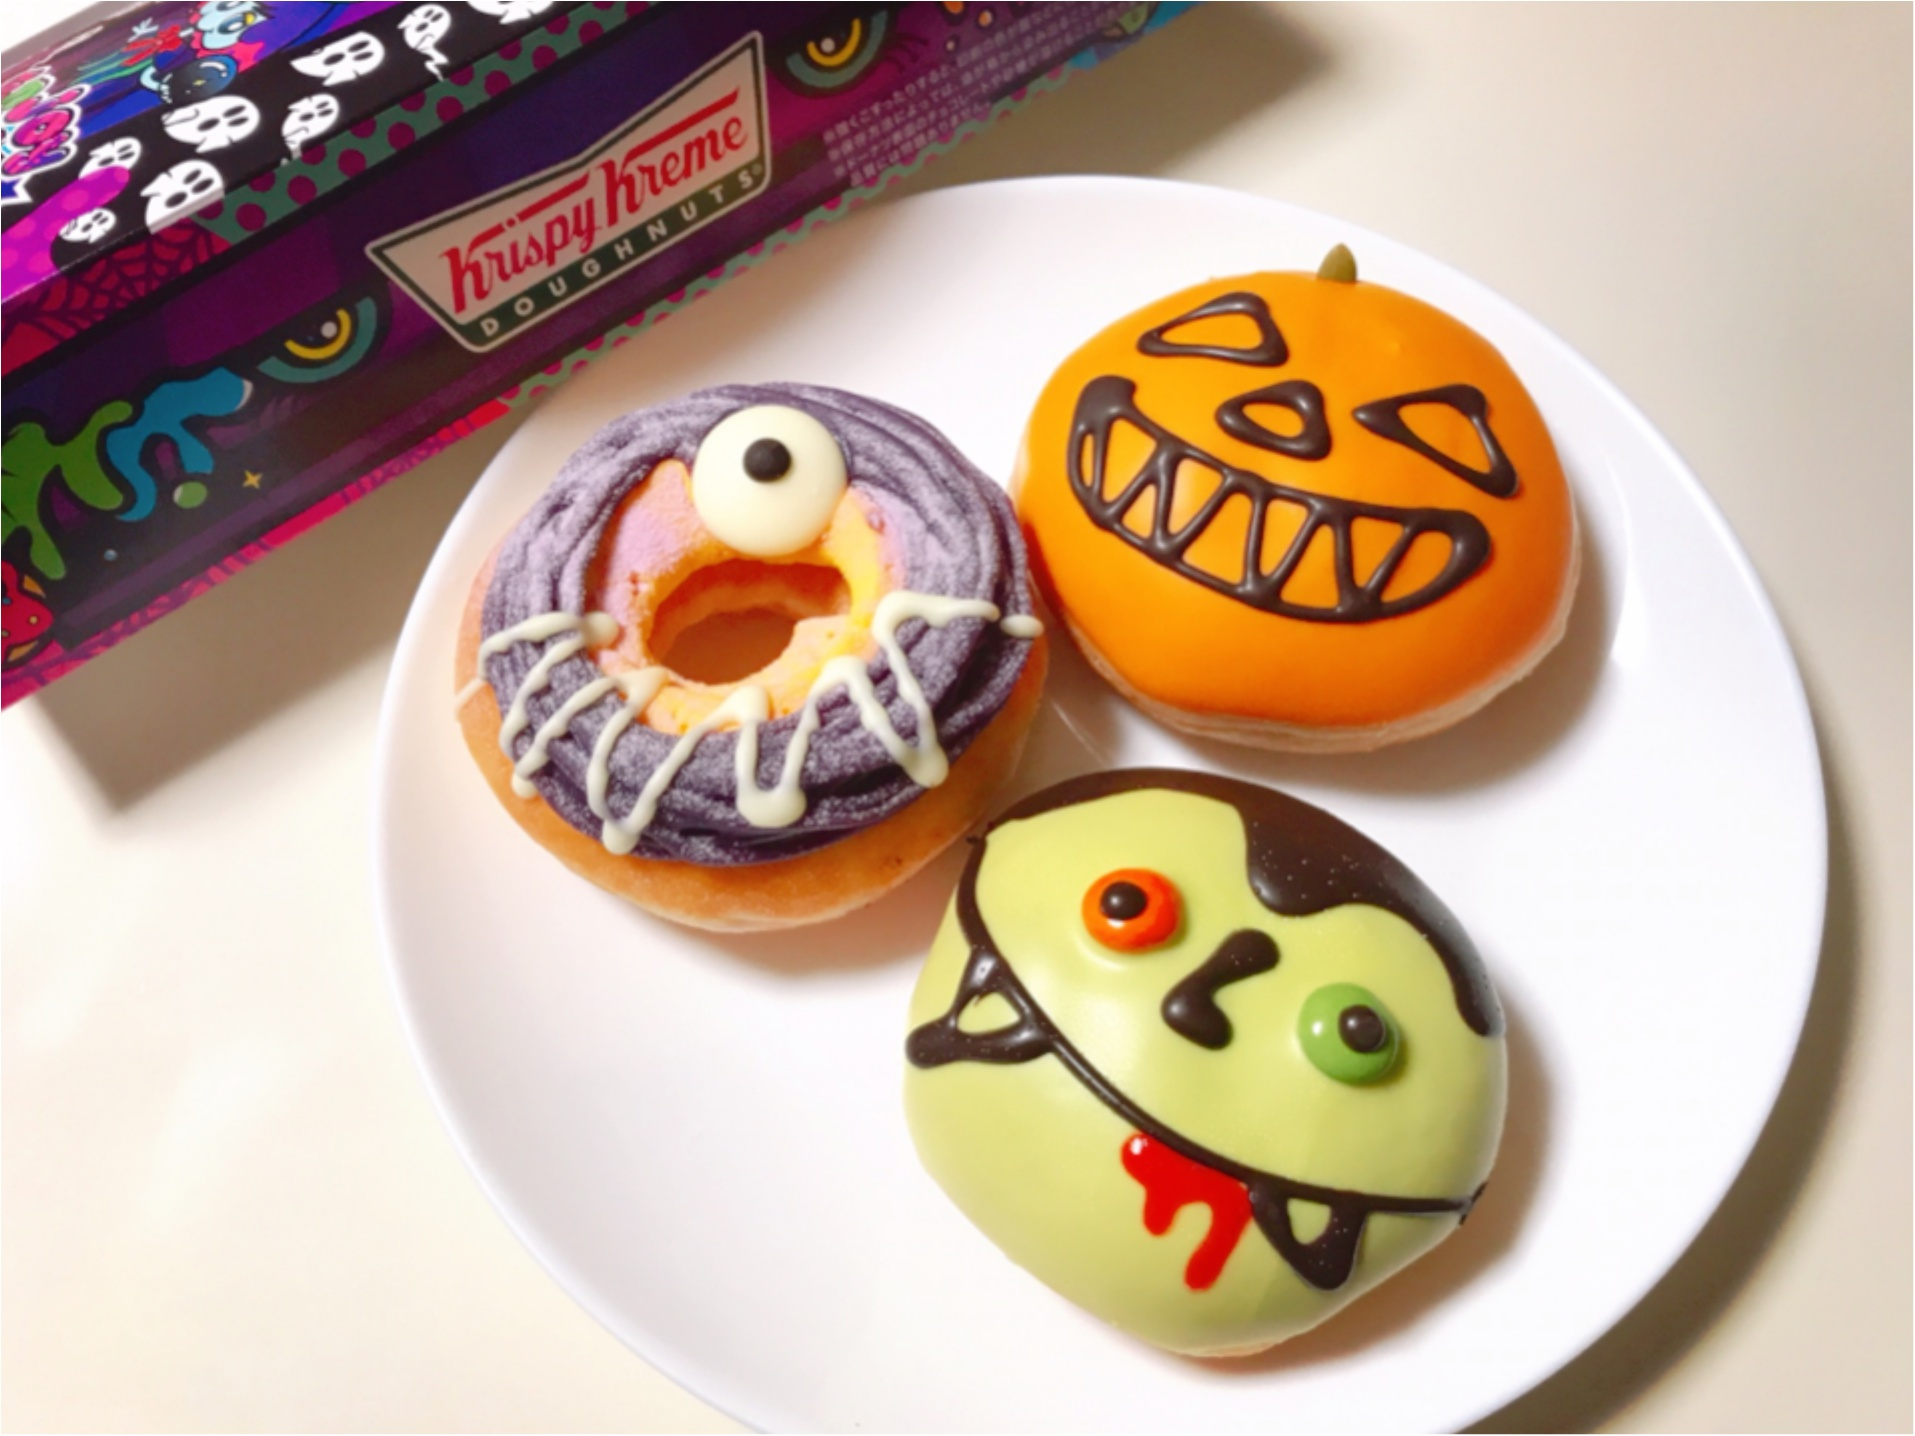 ハロウィンパーティーで写真映え間違いなし!可愛くて美味しいドーナツ♡_1